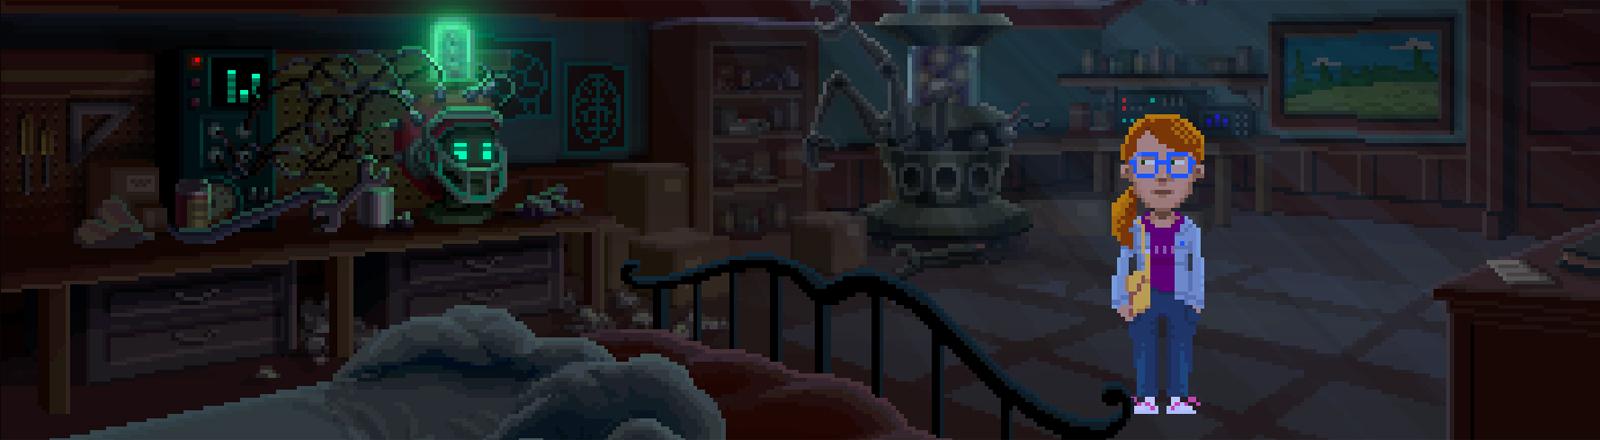 """Eine Szene aus dem Adventure-Game """"Thimbleweed Park"""" von Ron Gilbert."""